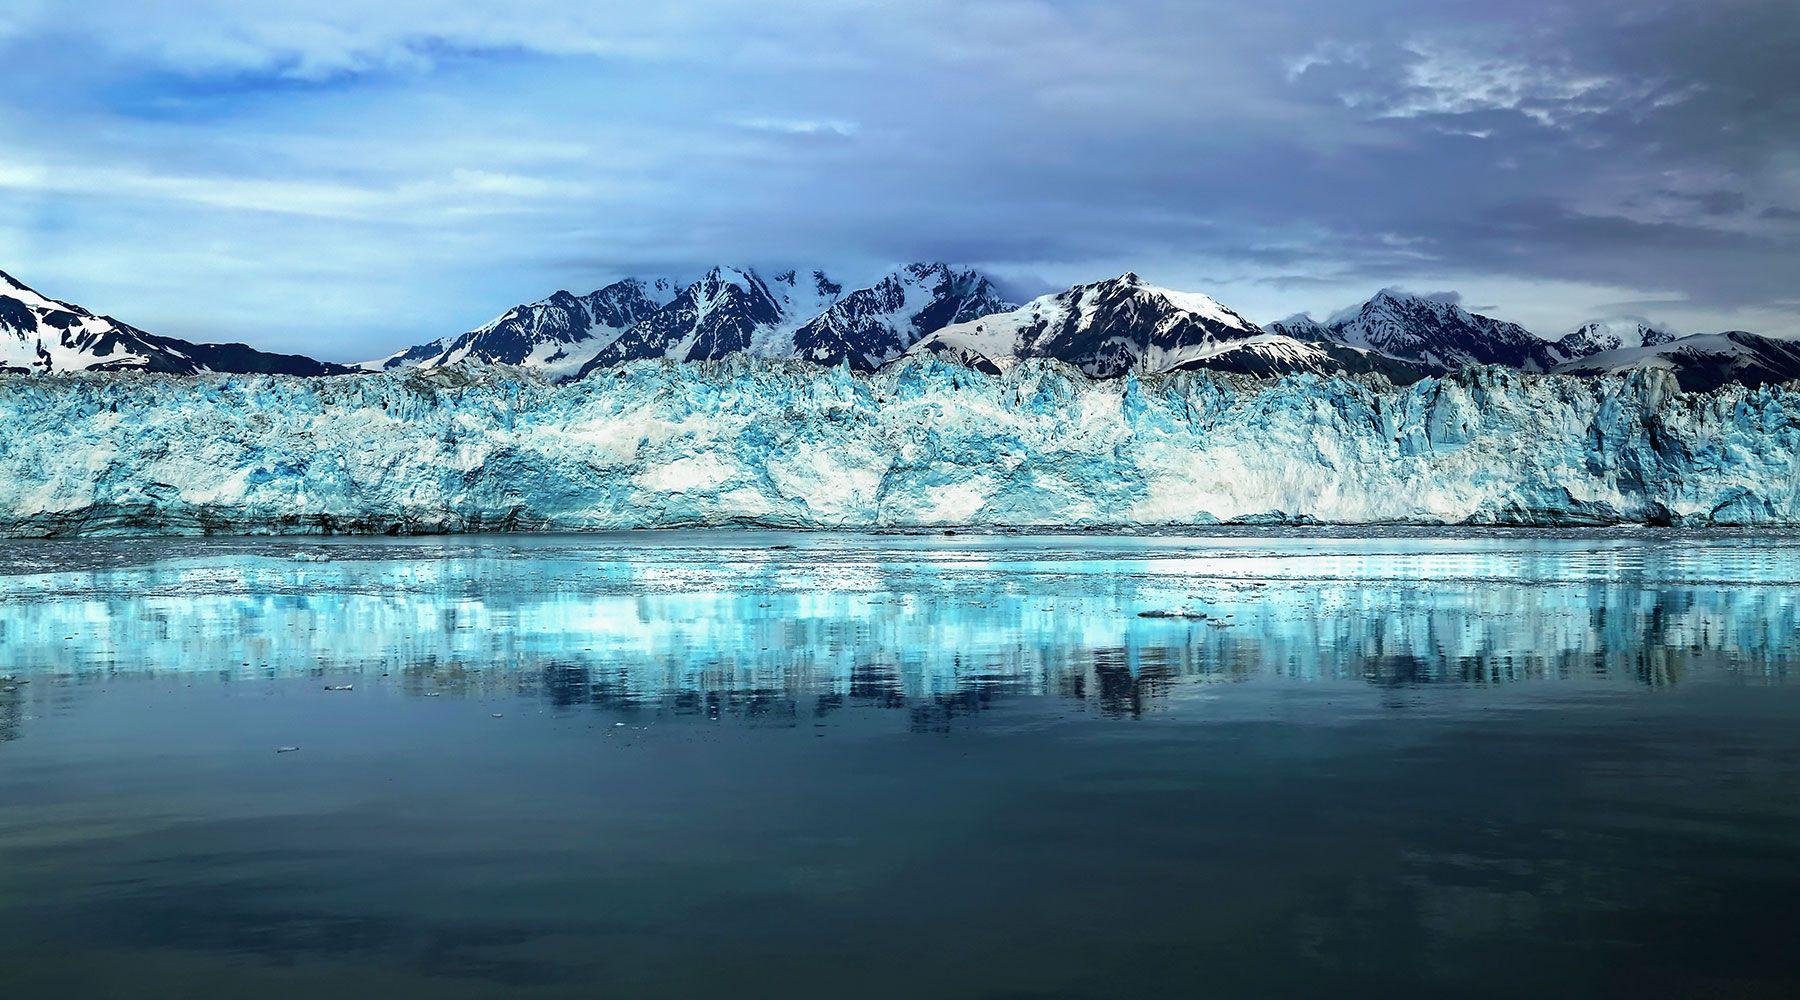 File:Hubbard glacier picture.jpg